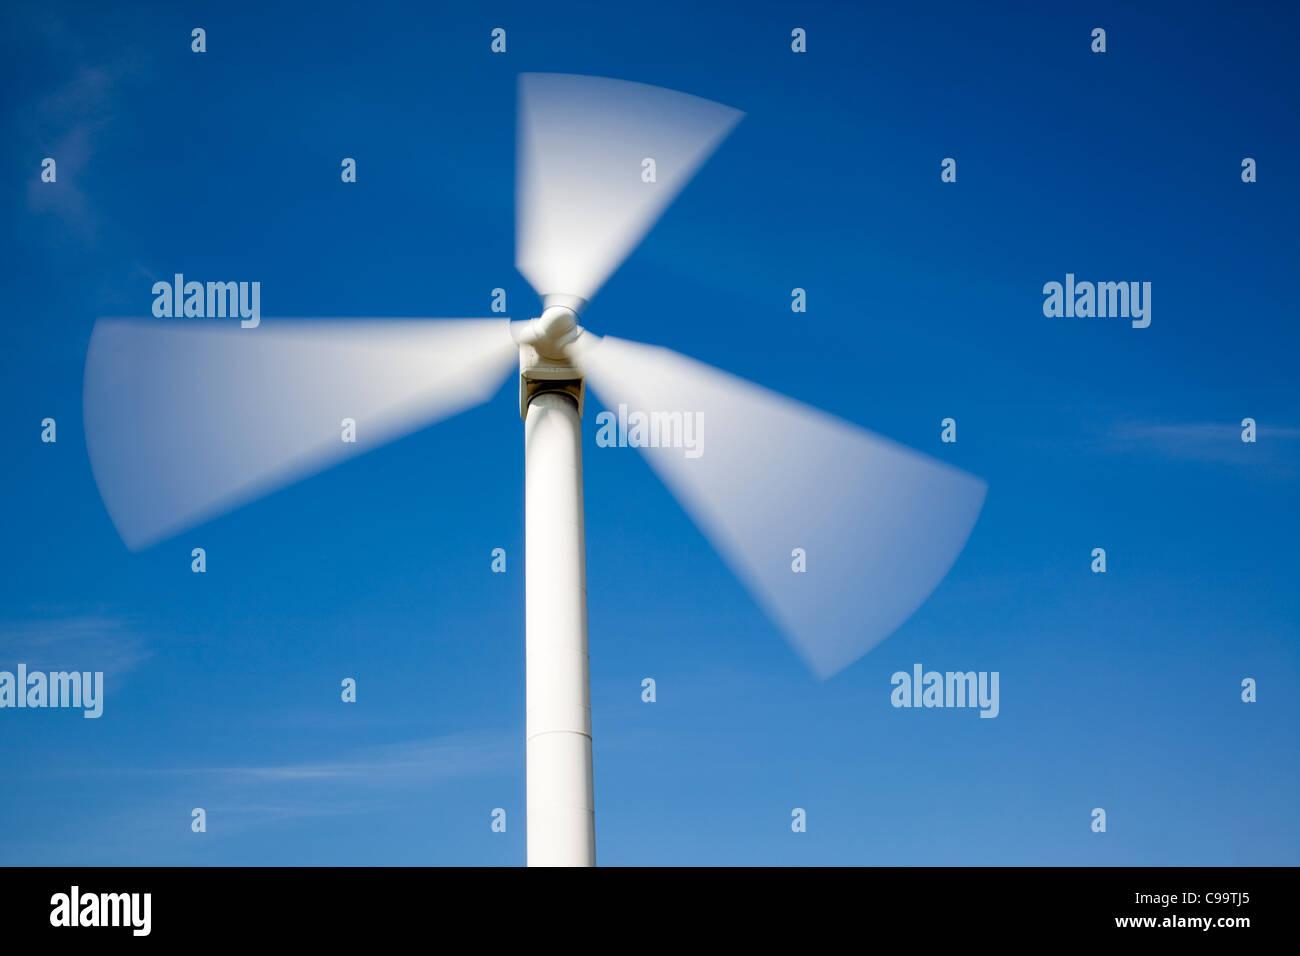 Parque Eólico, Aerogeneradores contra el cielo azul Imagen De Stock